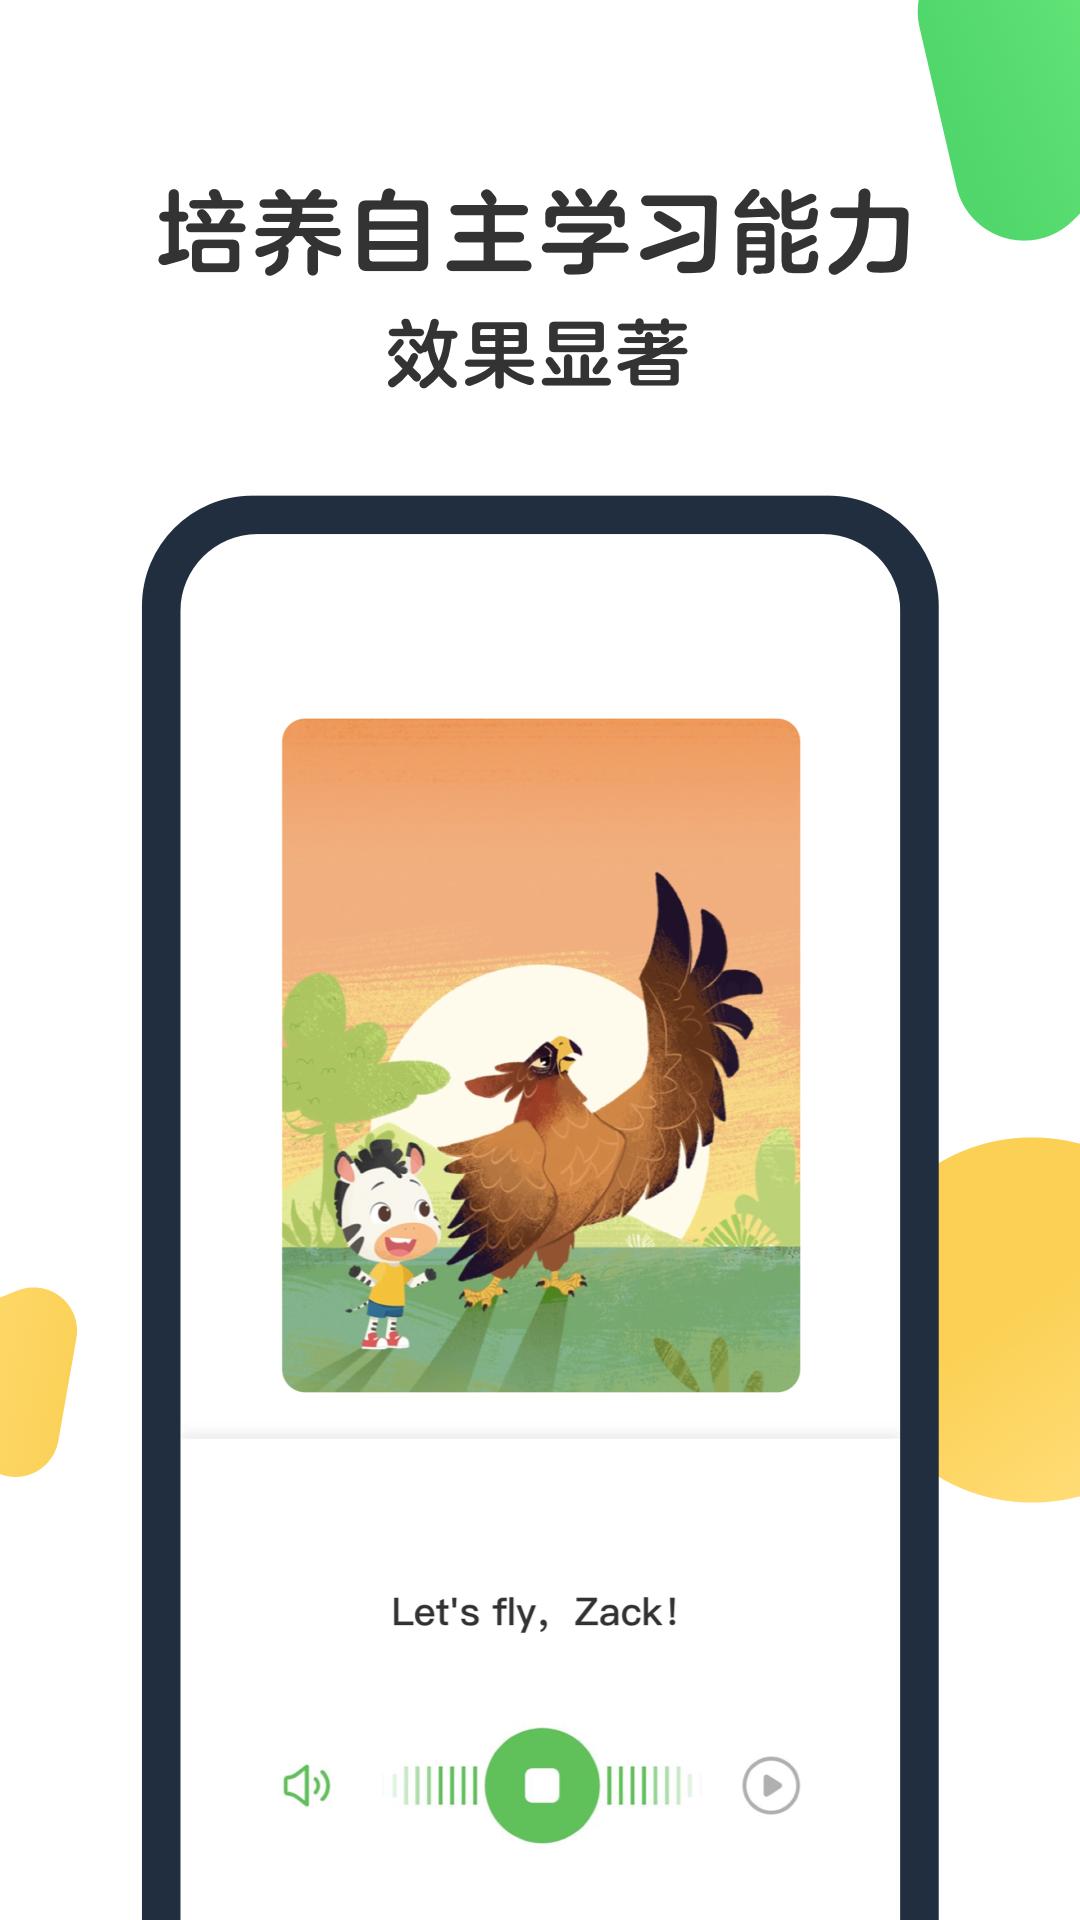 斑马app官网版下载地址截图